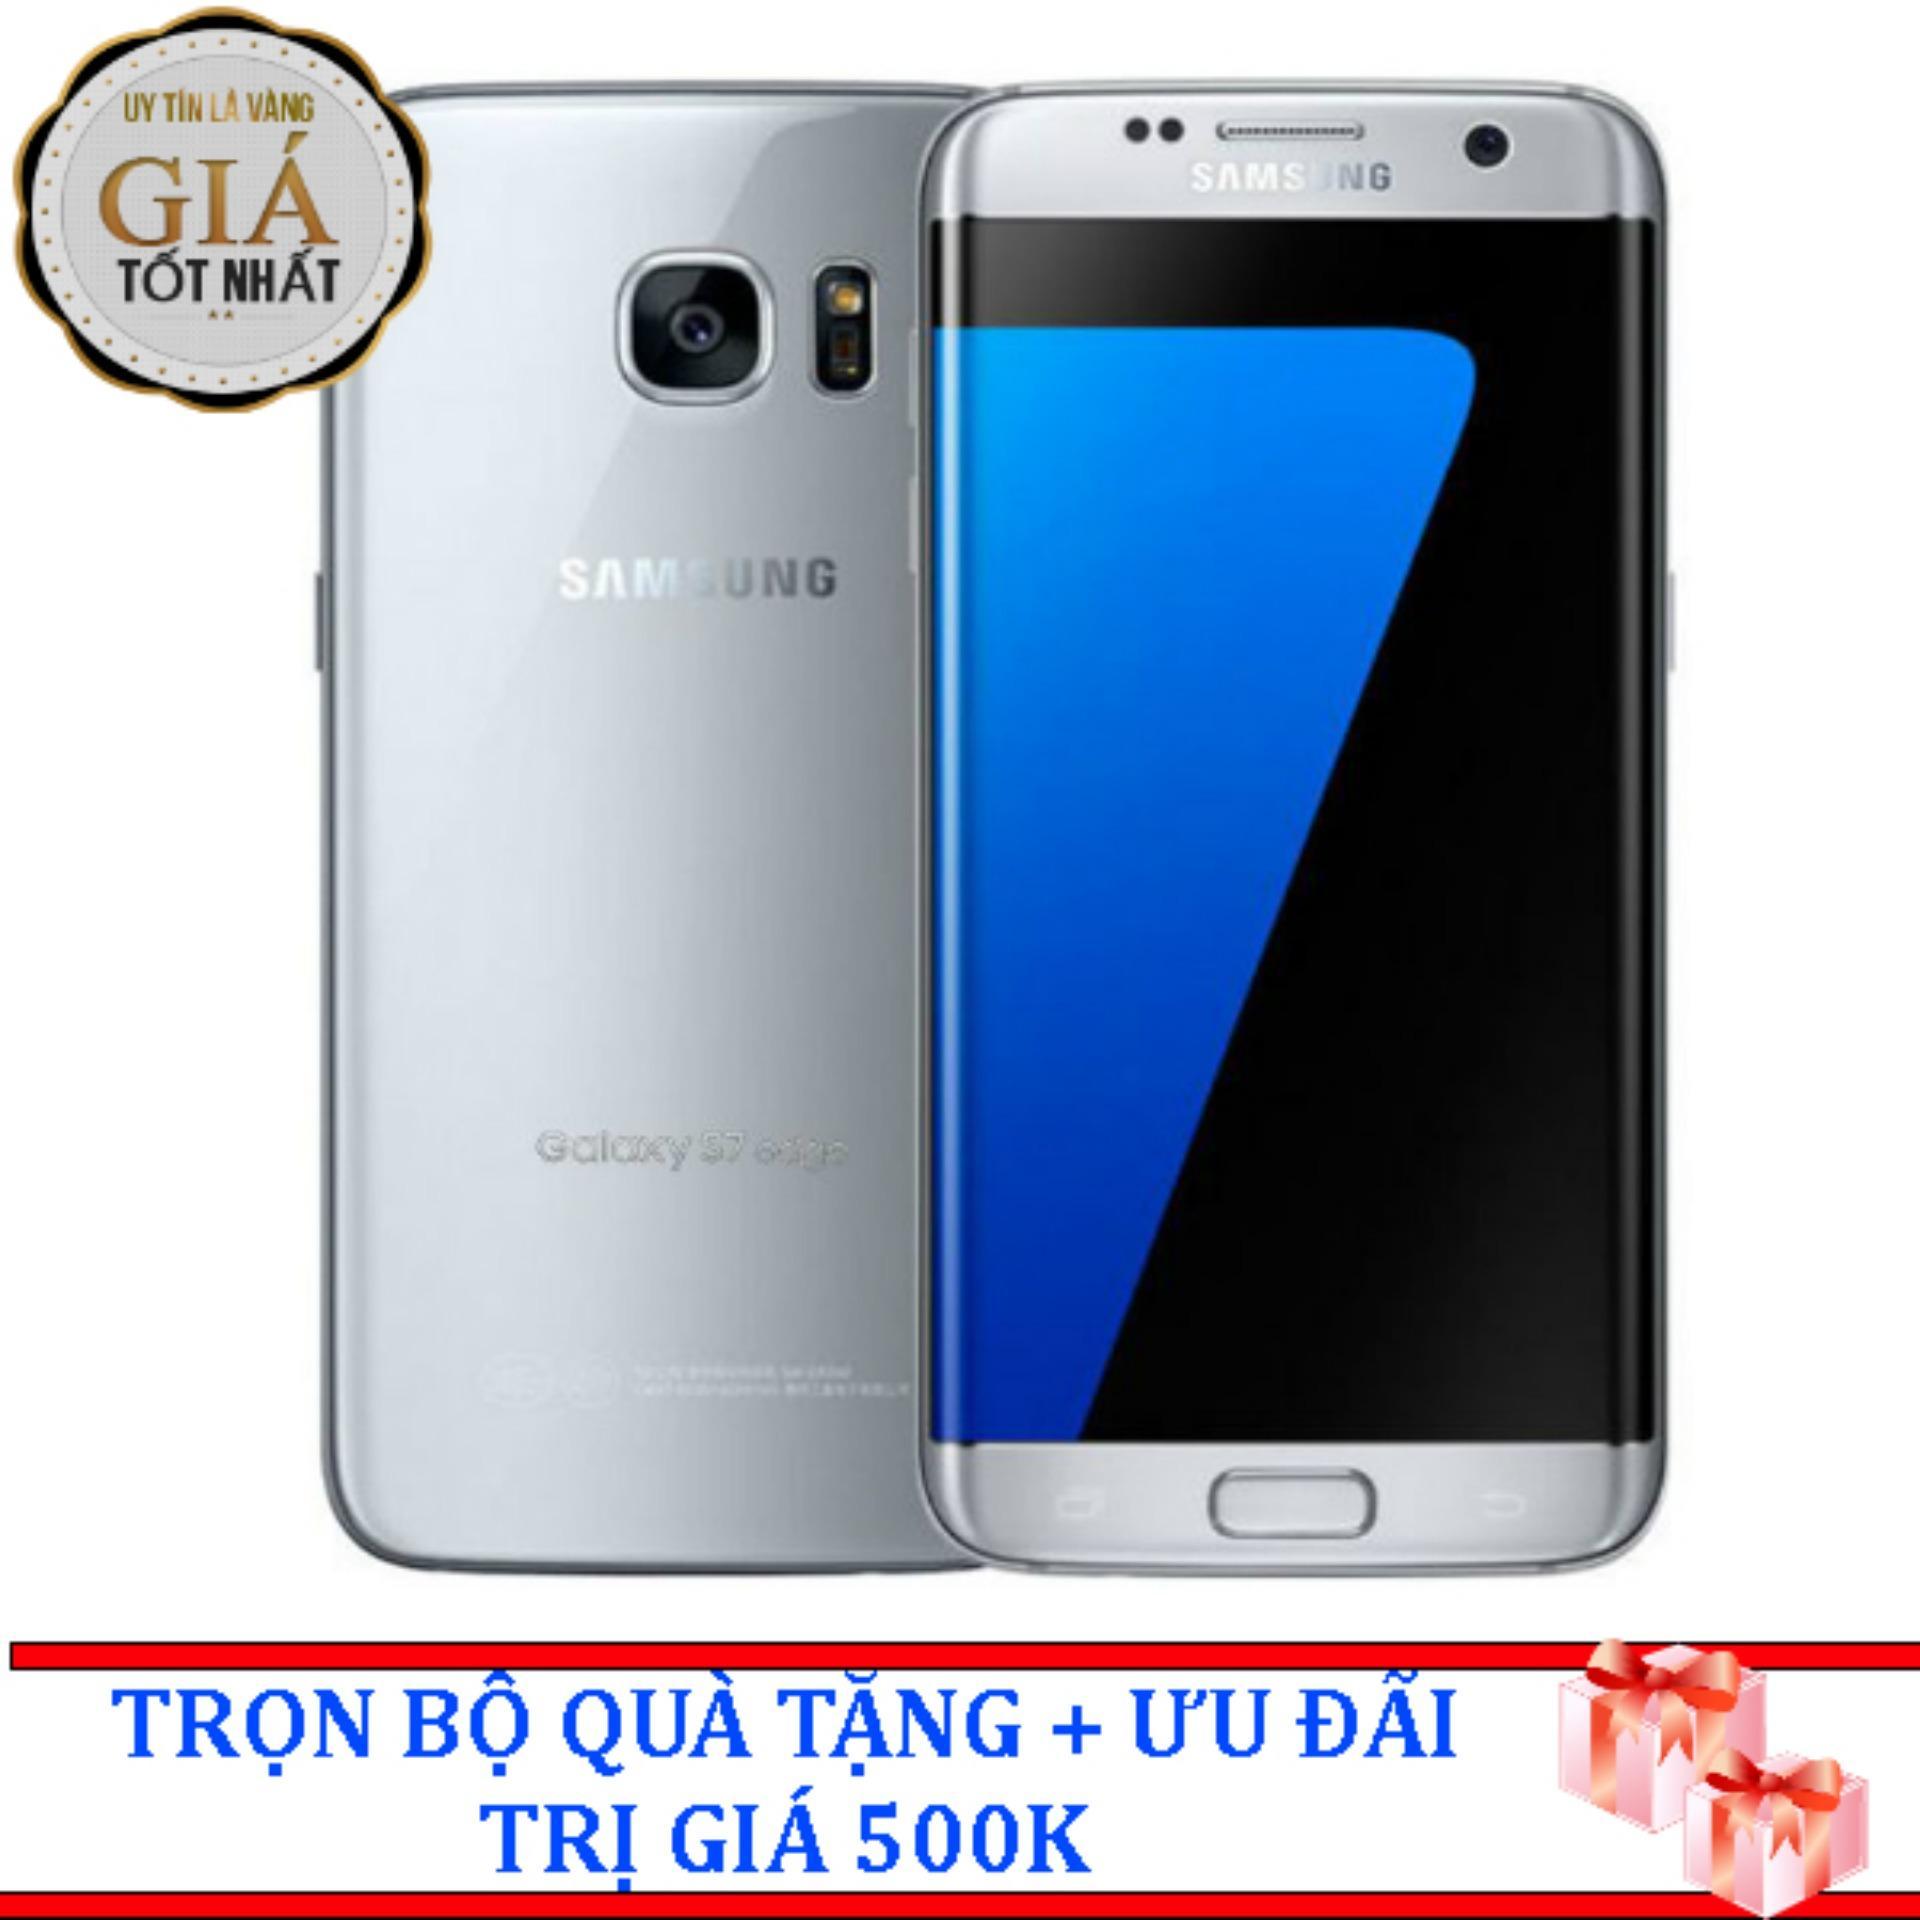 Bán Samsung Galaxy S7 Edge 32Gb Bạc Hang Nhập Khẩu Mới